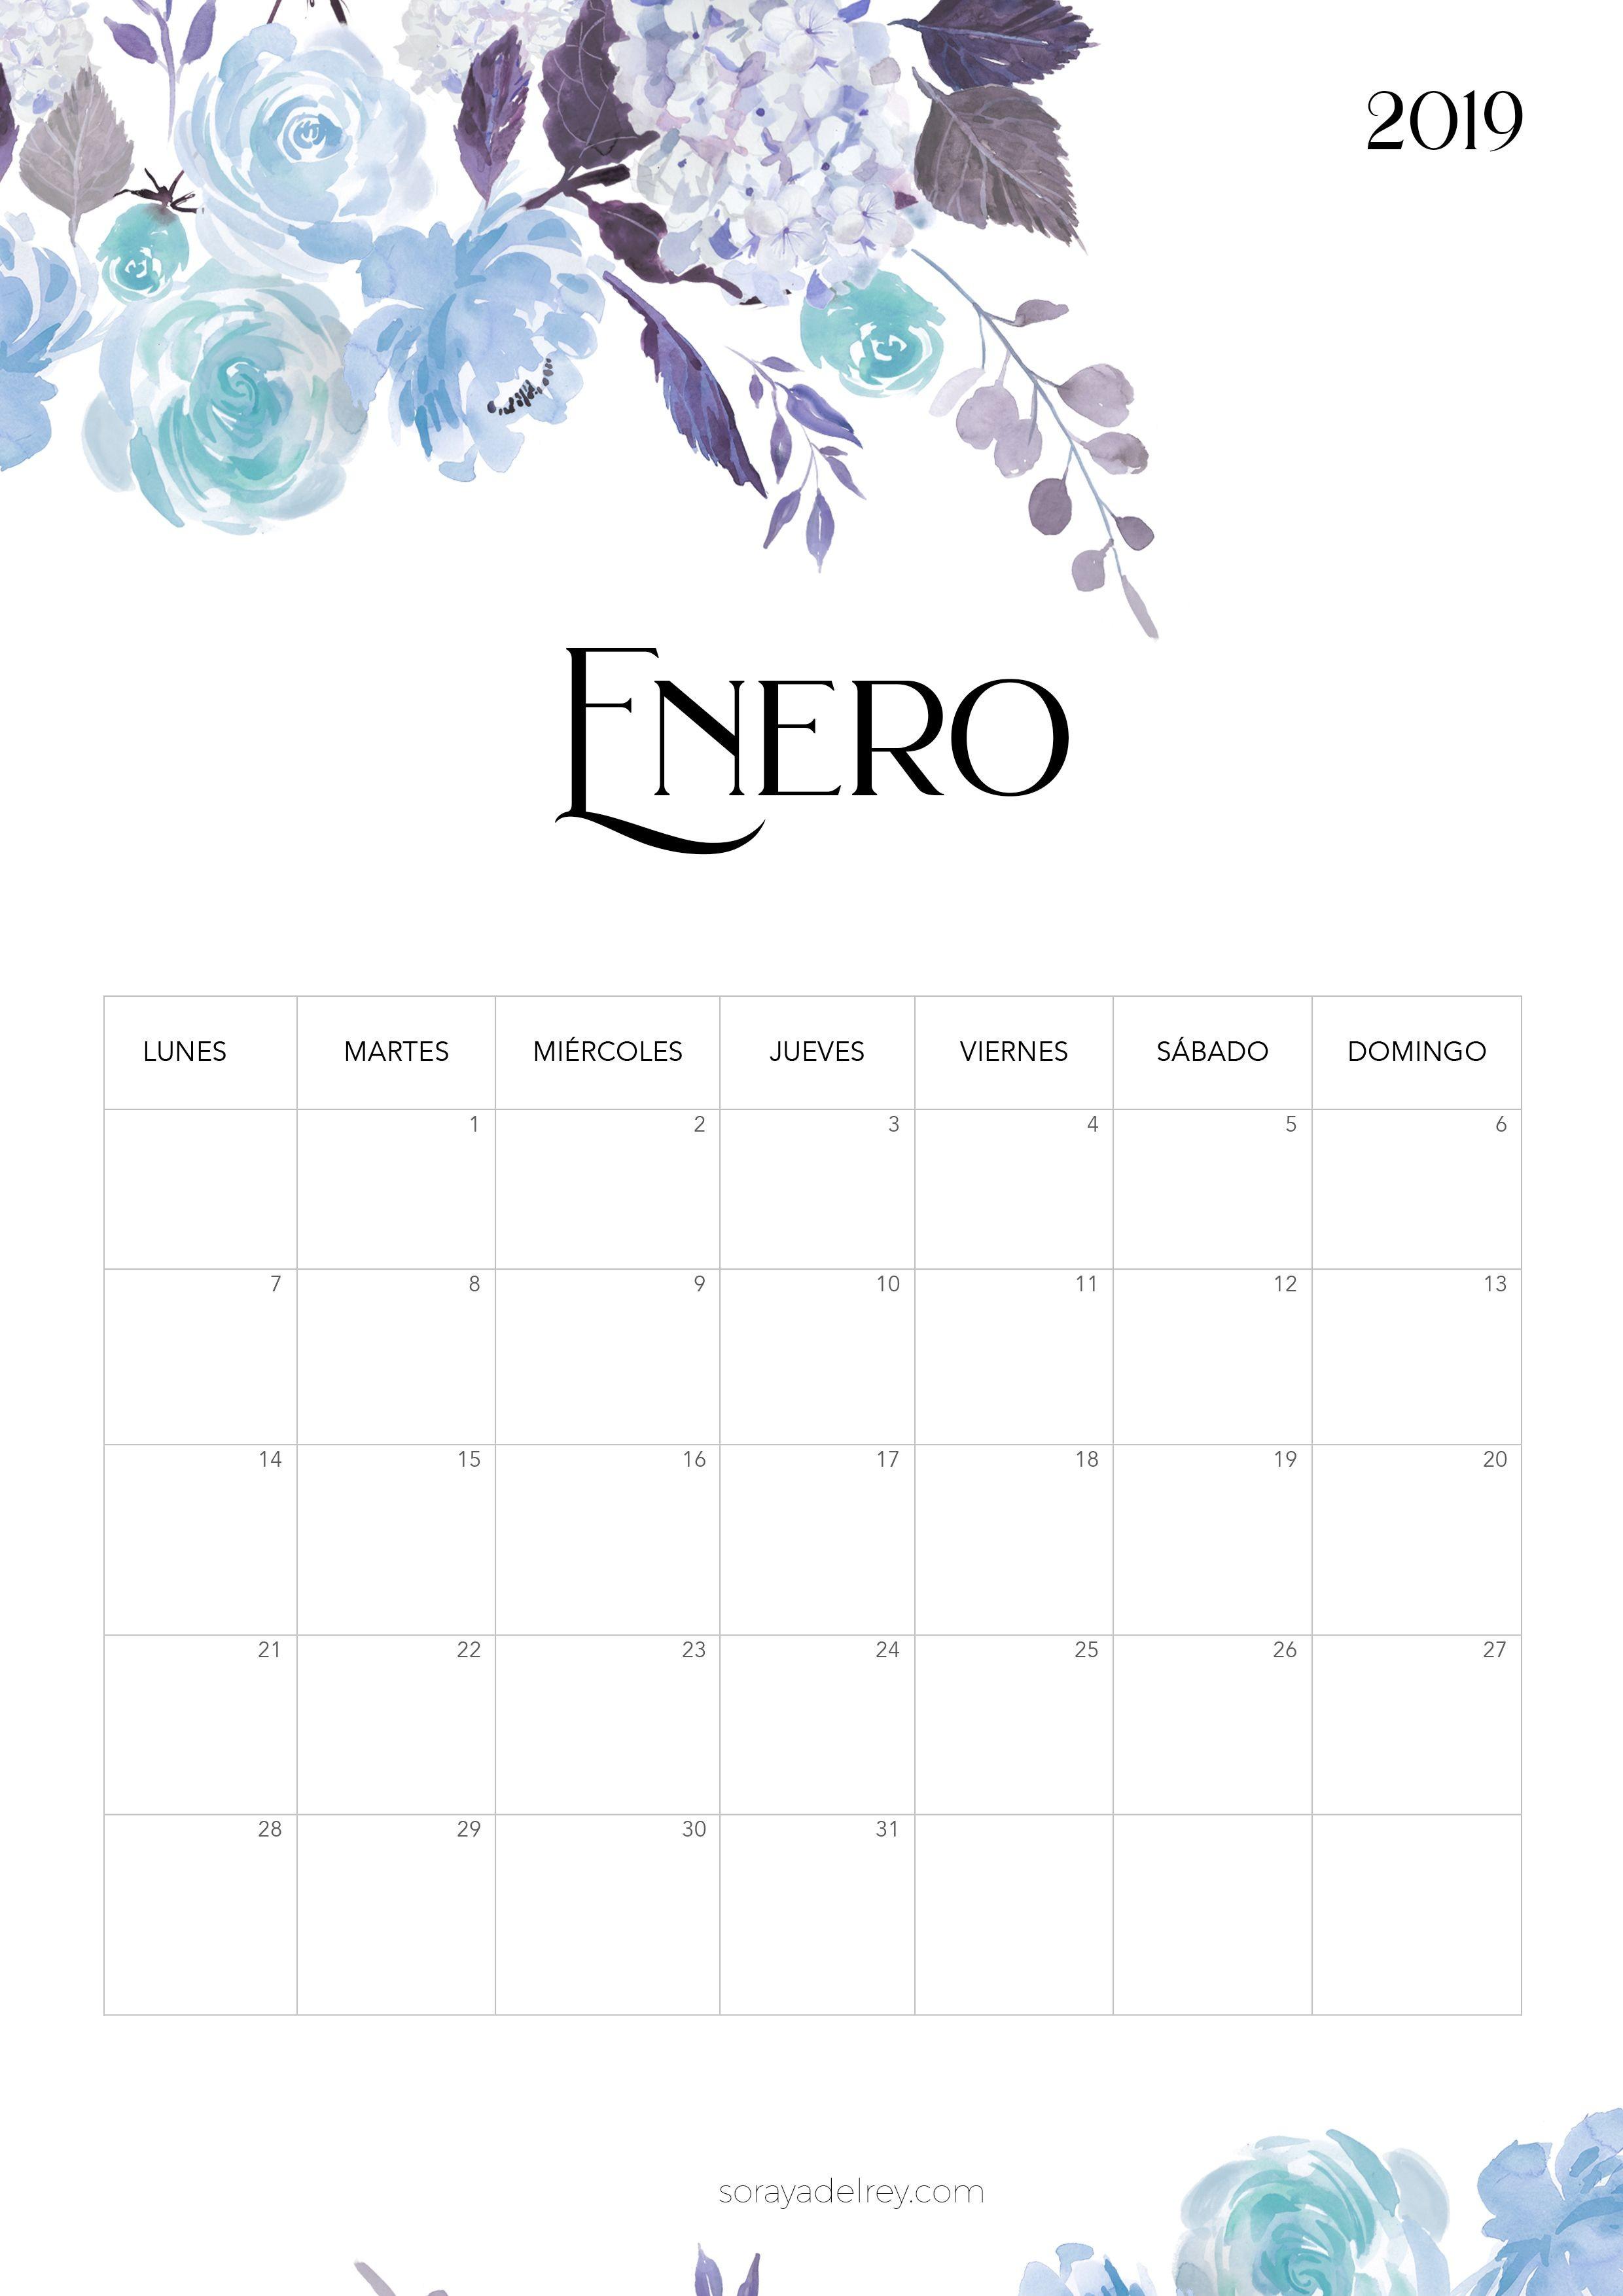 Calendario Mensual 2019 Bonito Más Arriba-a-fecha Calendario Para Imprimir 2018 2019 Calendario